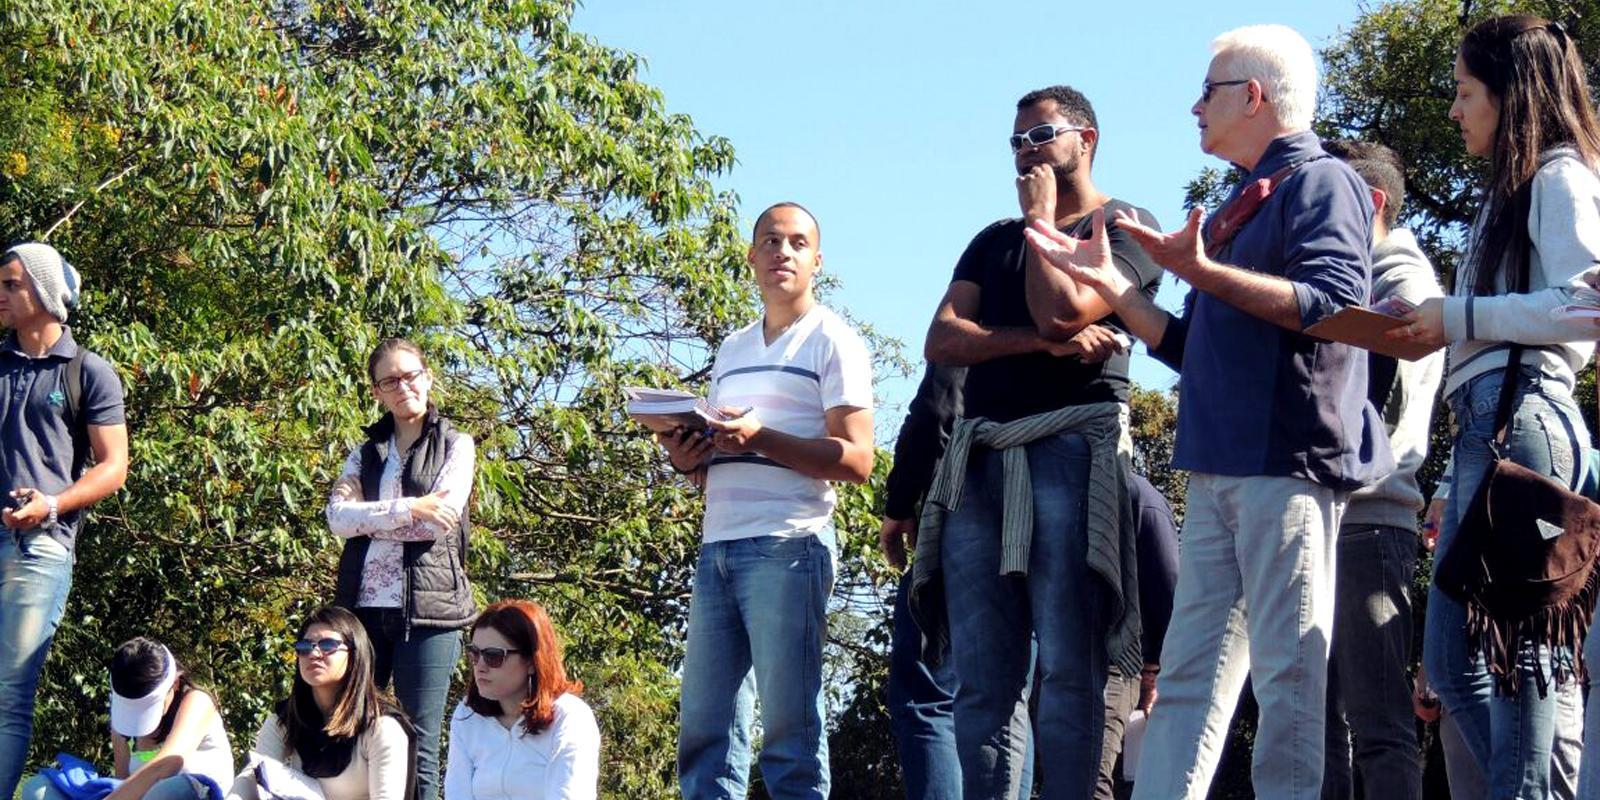 Curso de Gestão Ambiental da FAAT é o quarto melhor do estado de São Paulo